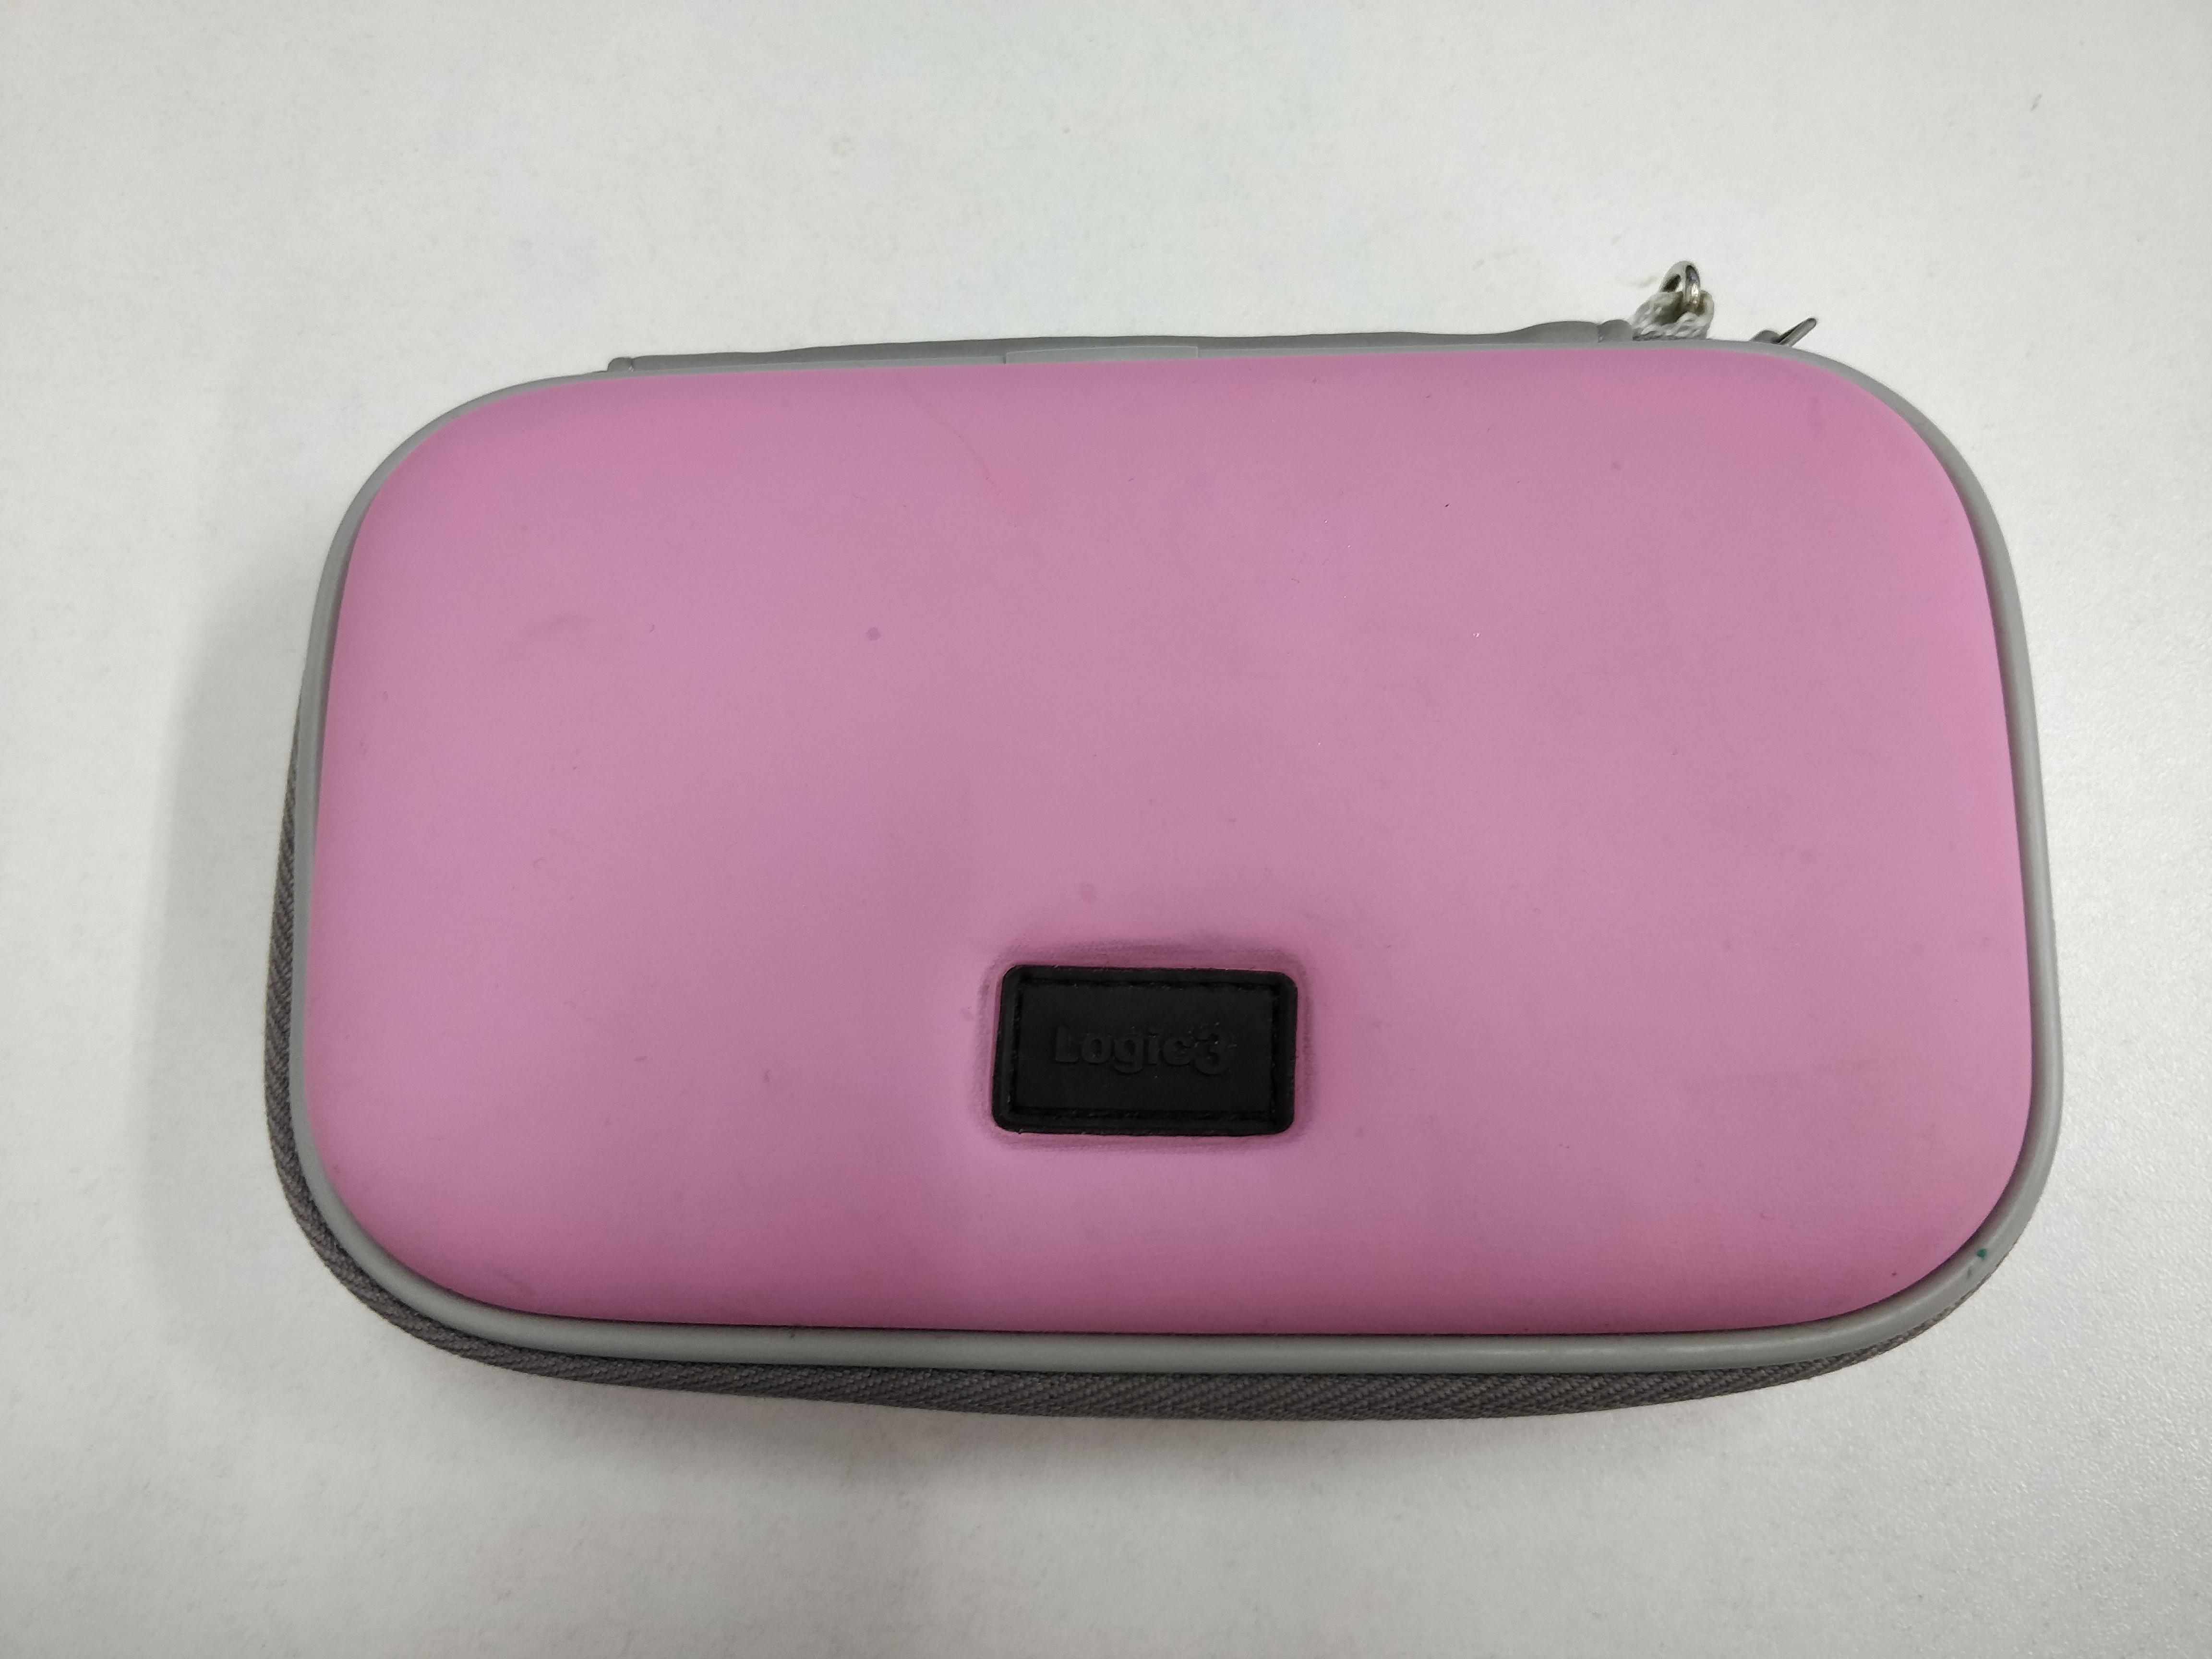 [Nintendo DS Lite] Pouzdro Logic3 - růžové (estetické vady)